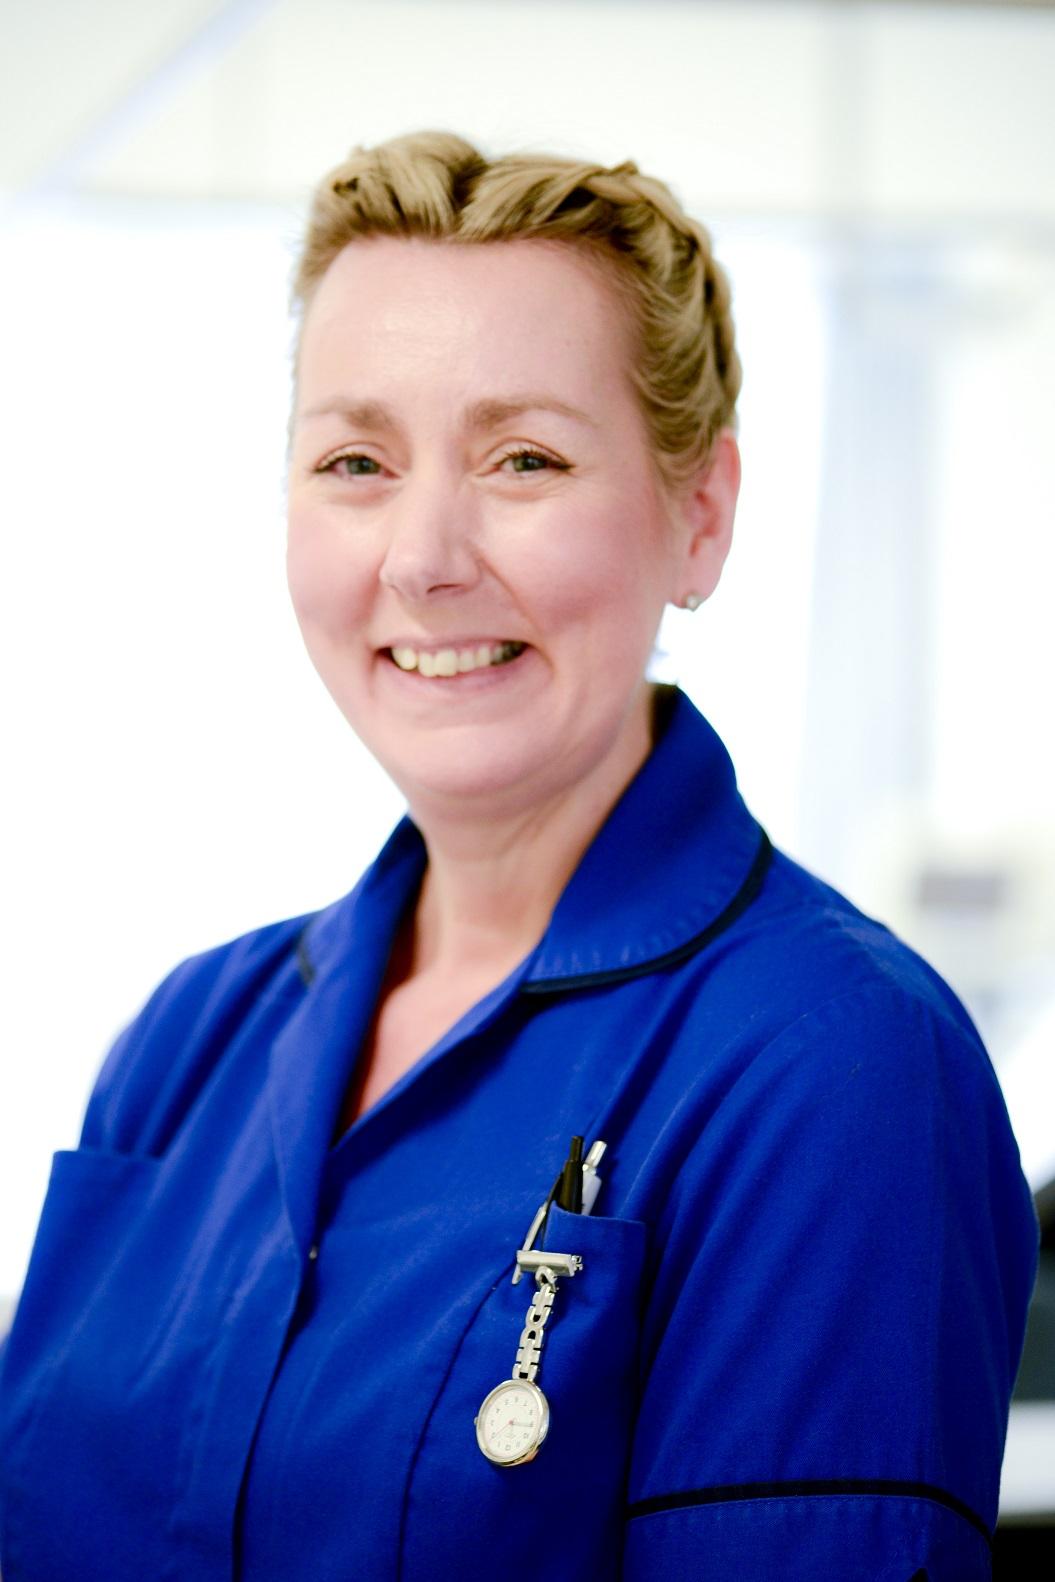 Paediatric nurse, Karen Dine, is celebrating NHS70!